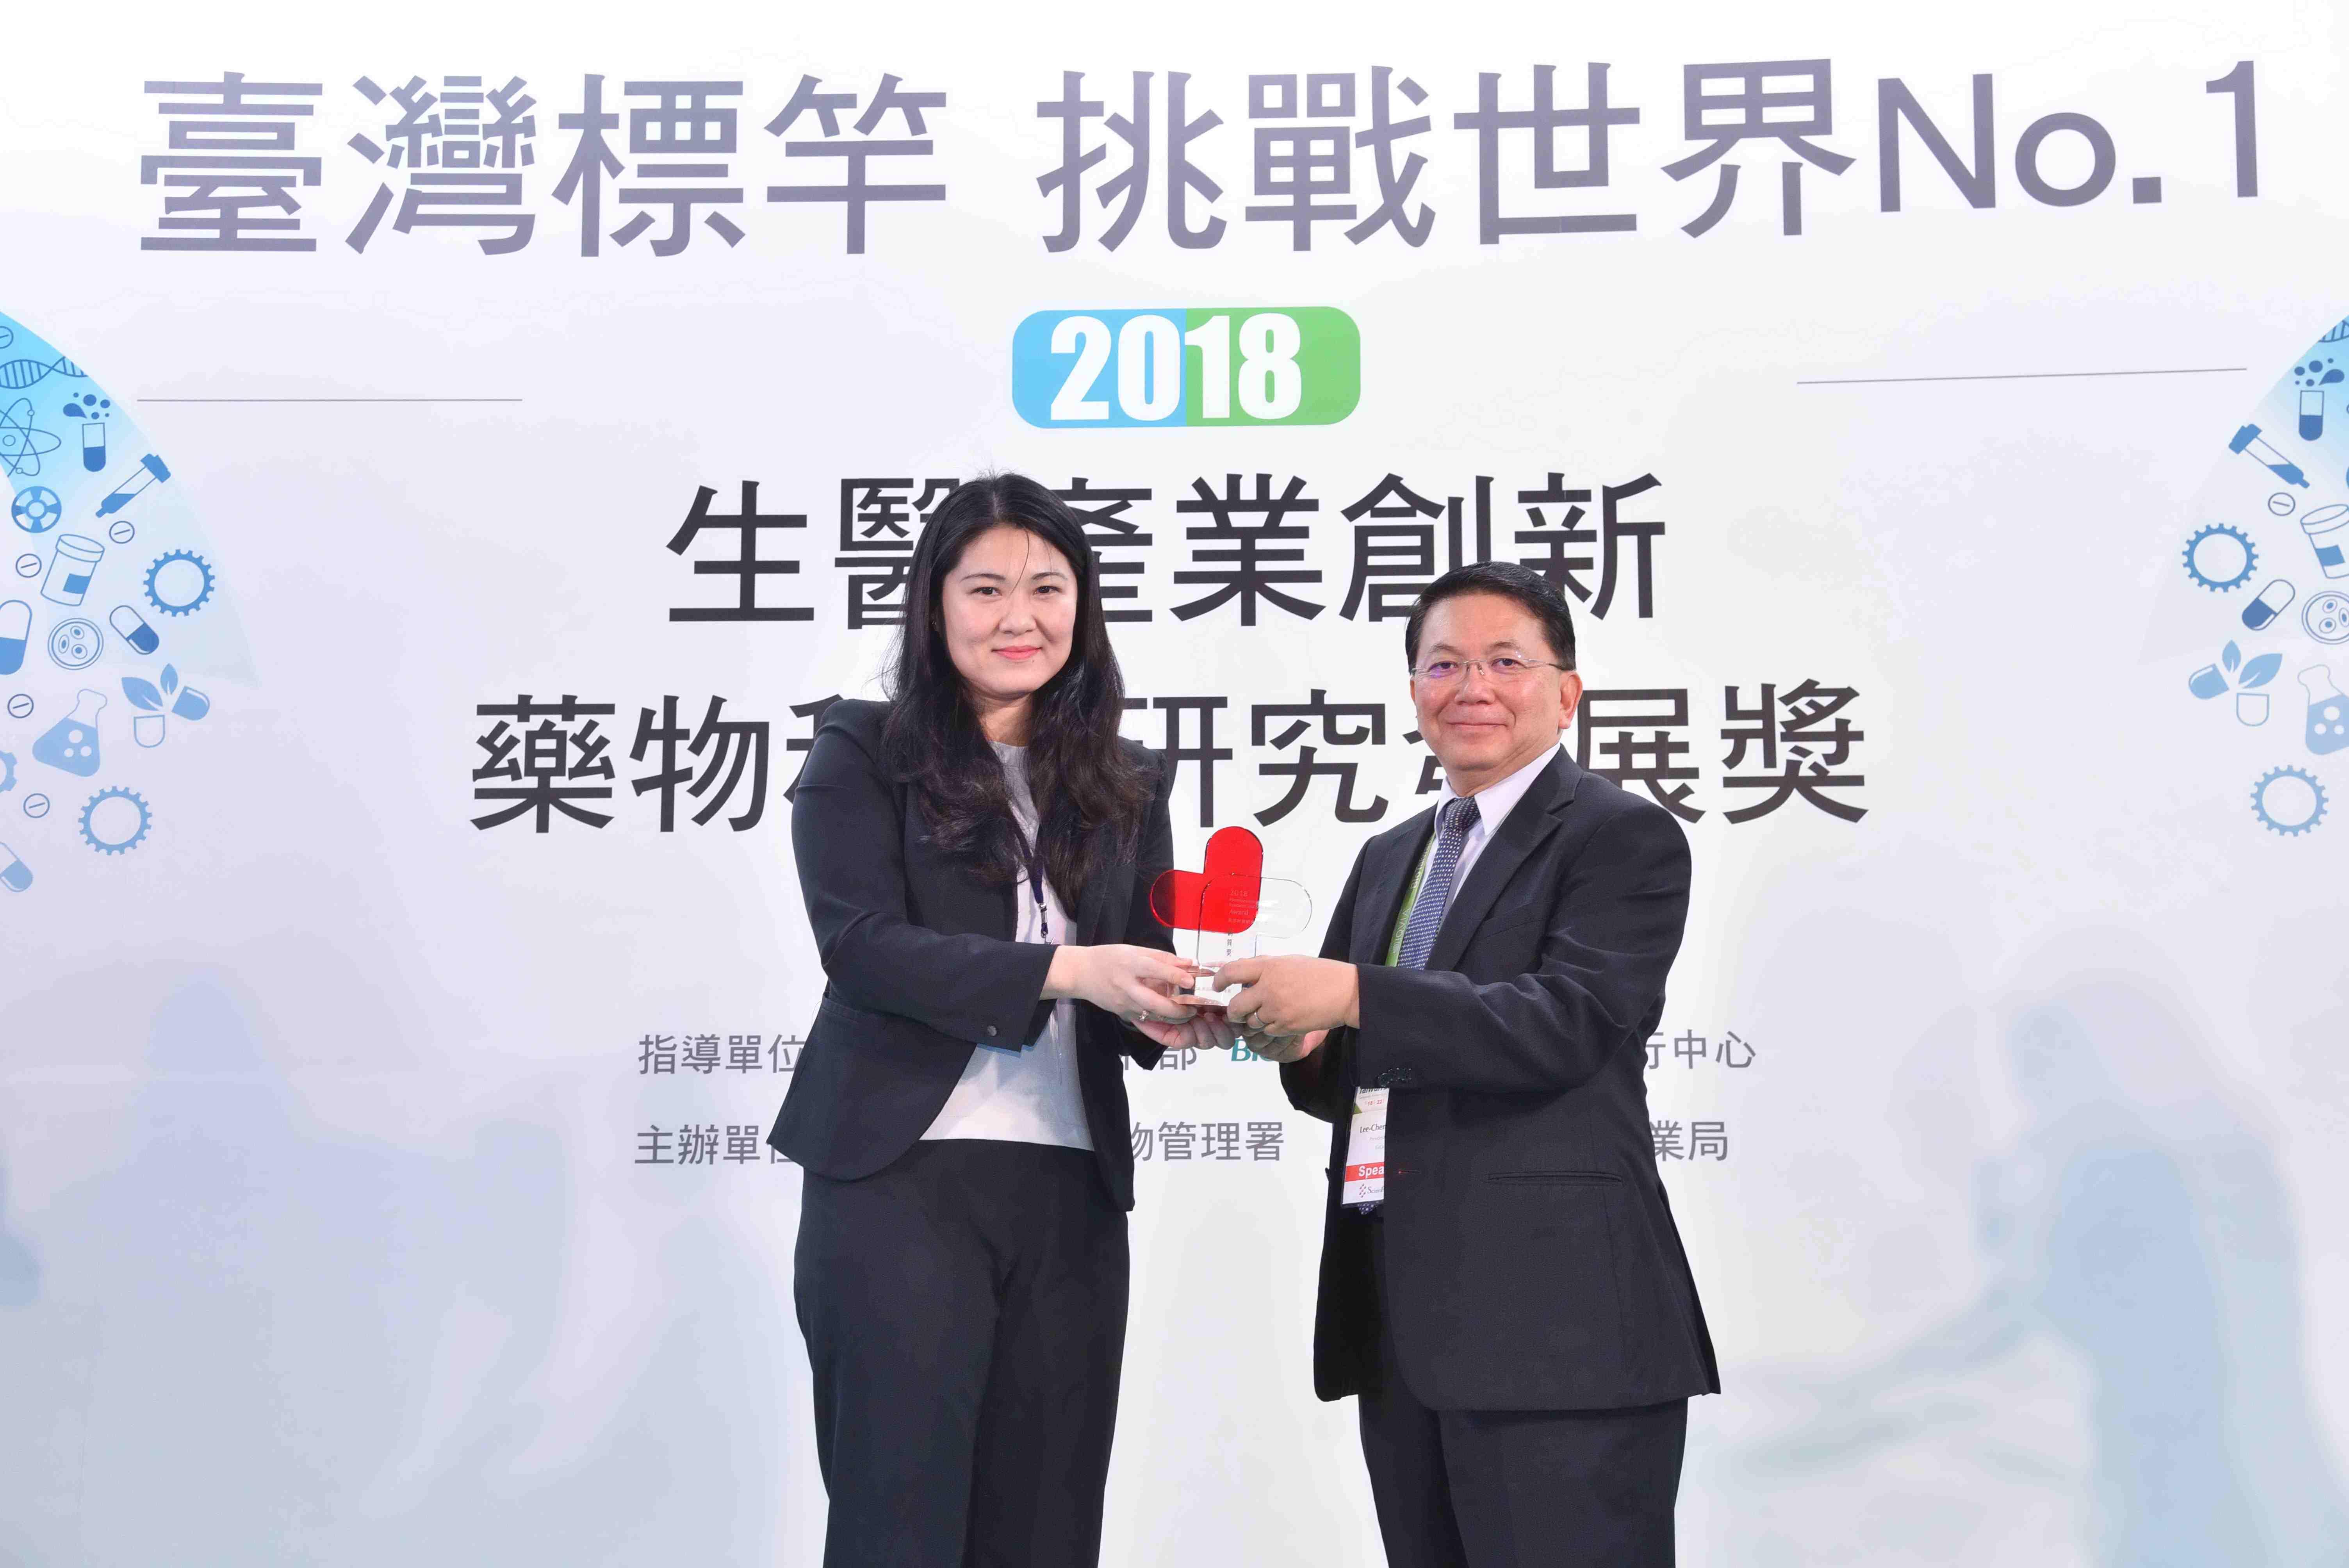 「Trastzumab生物相似藥EG12014」獲得「衛服部.經濟部藥物科技研究發展獎」製造技術類銅質獎殊榮